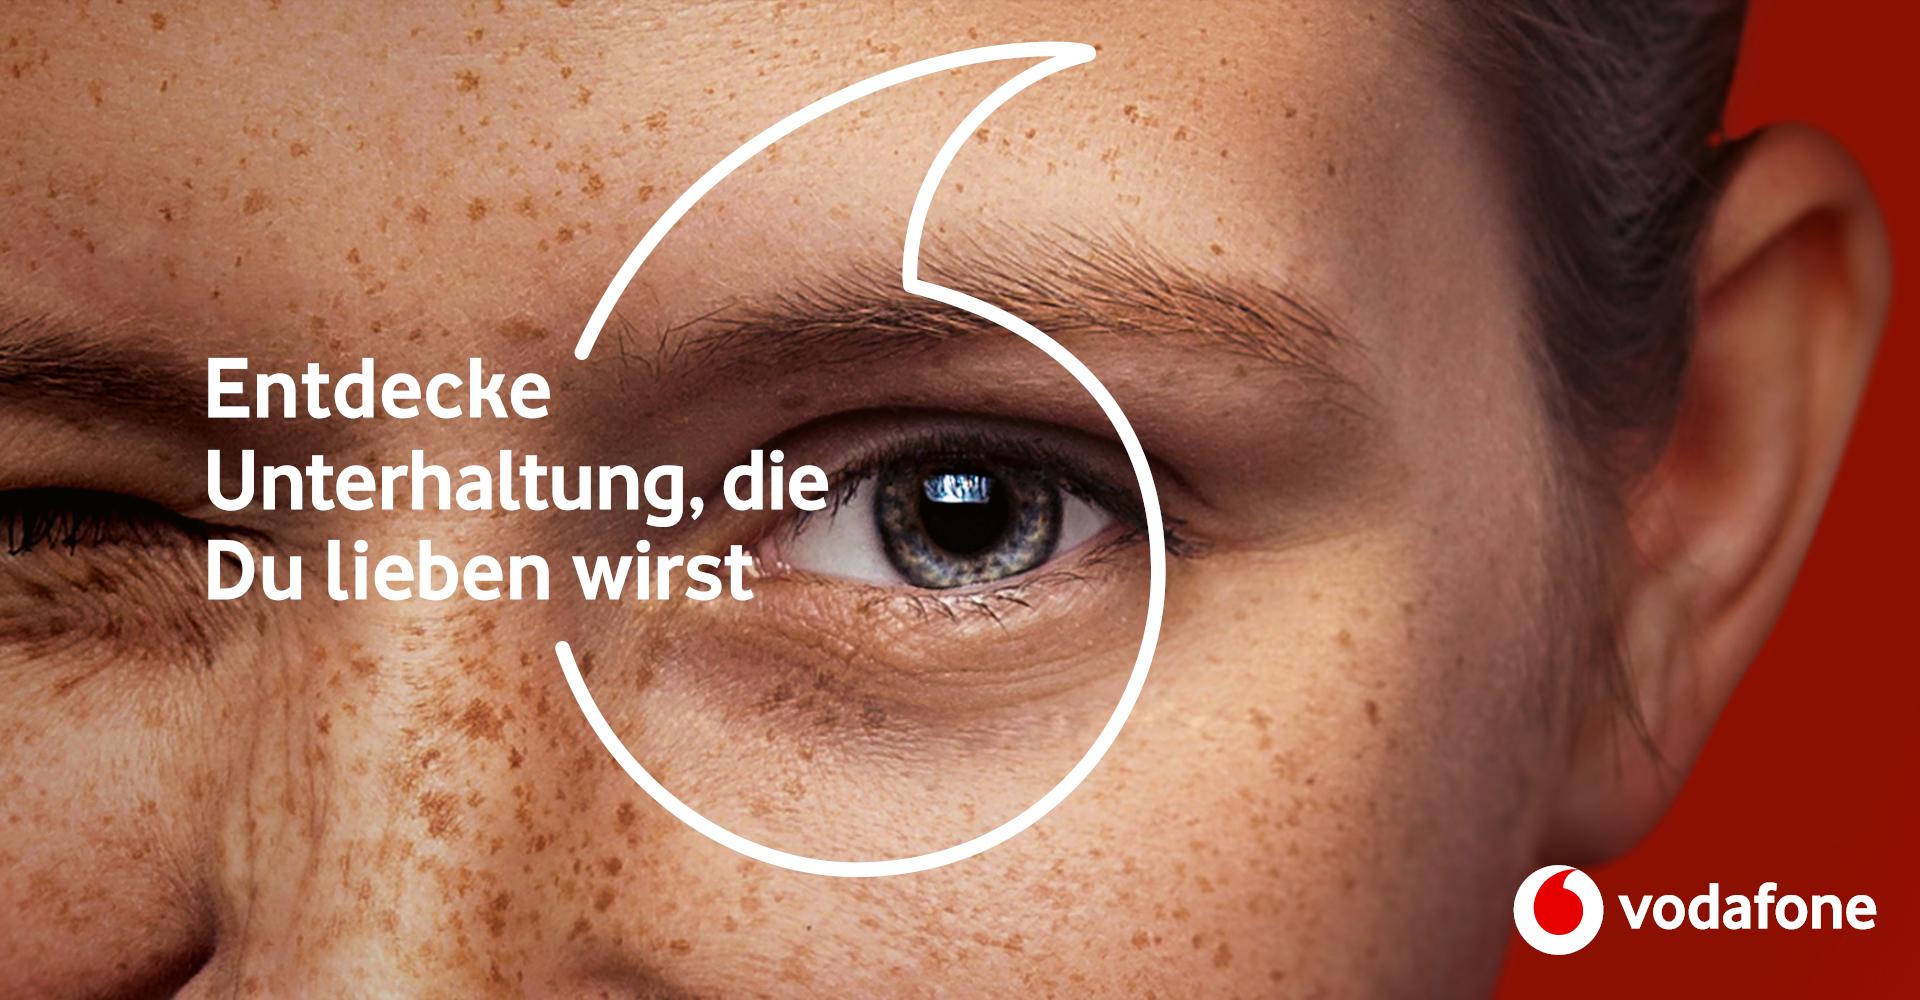 Whatsapp Weihnachtsgrüße Sprüche Fürs Ein Frohes Fest